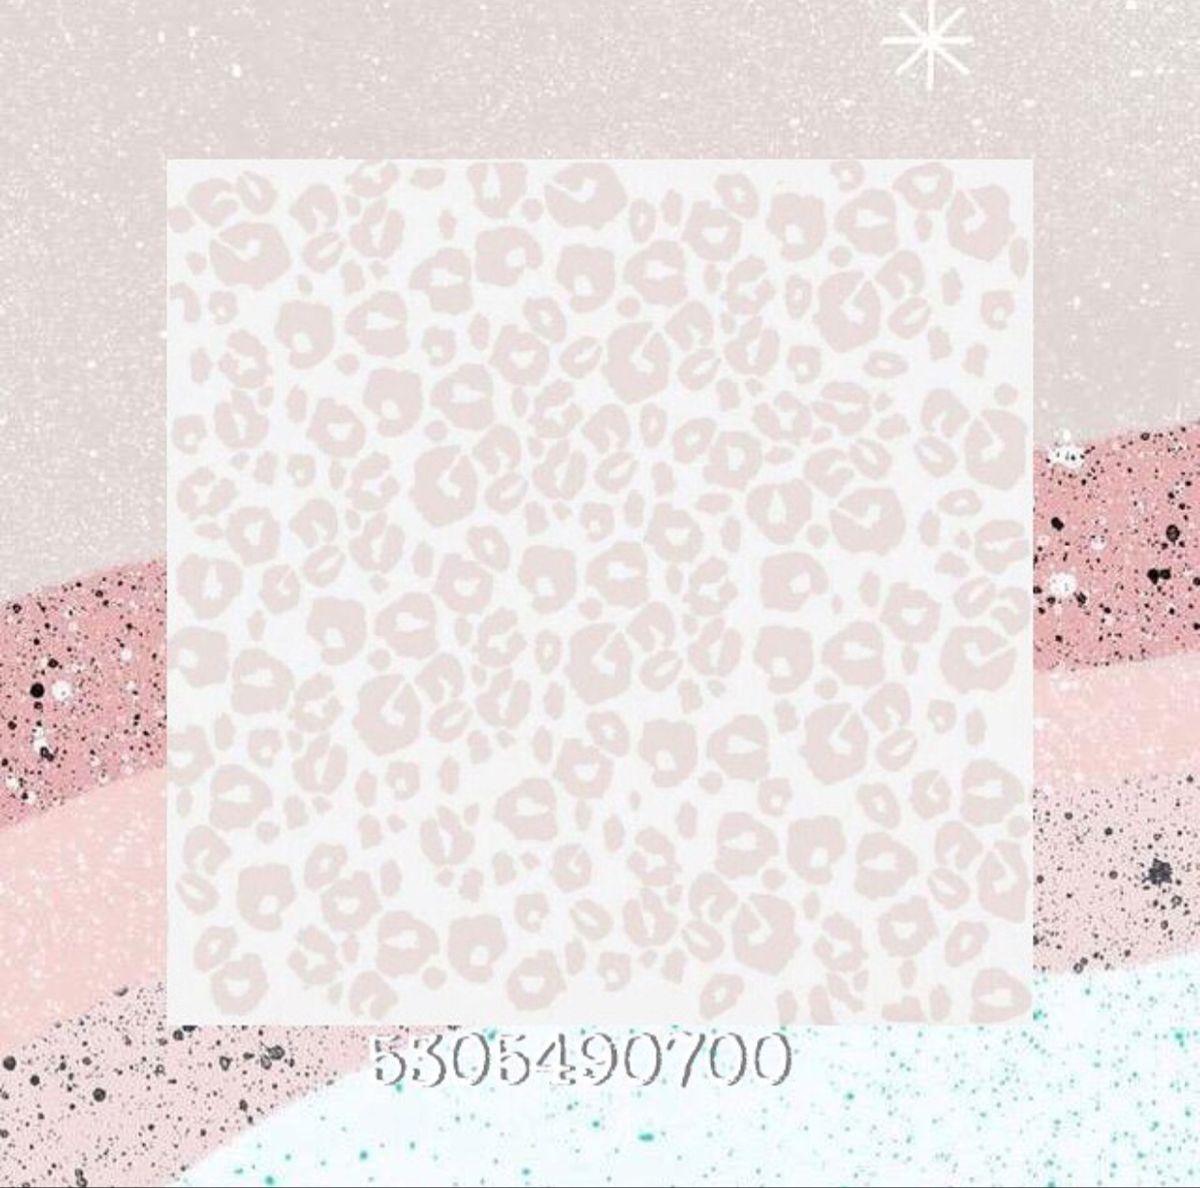 Vintage Wallpaper In 2020 Decal Design Custom Decals Code Wallpaper